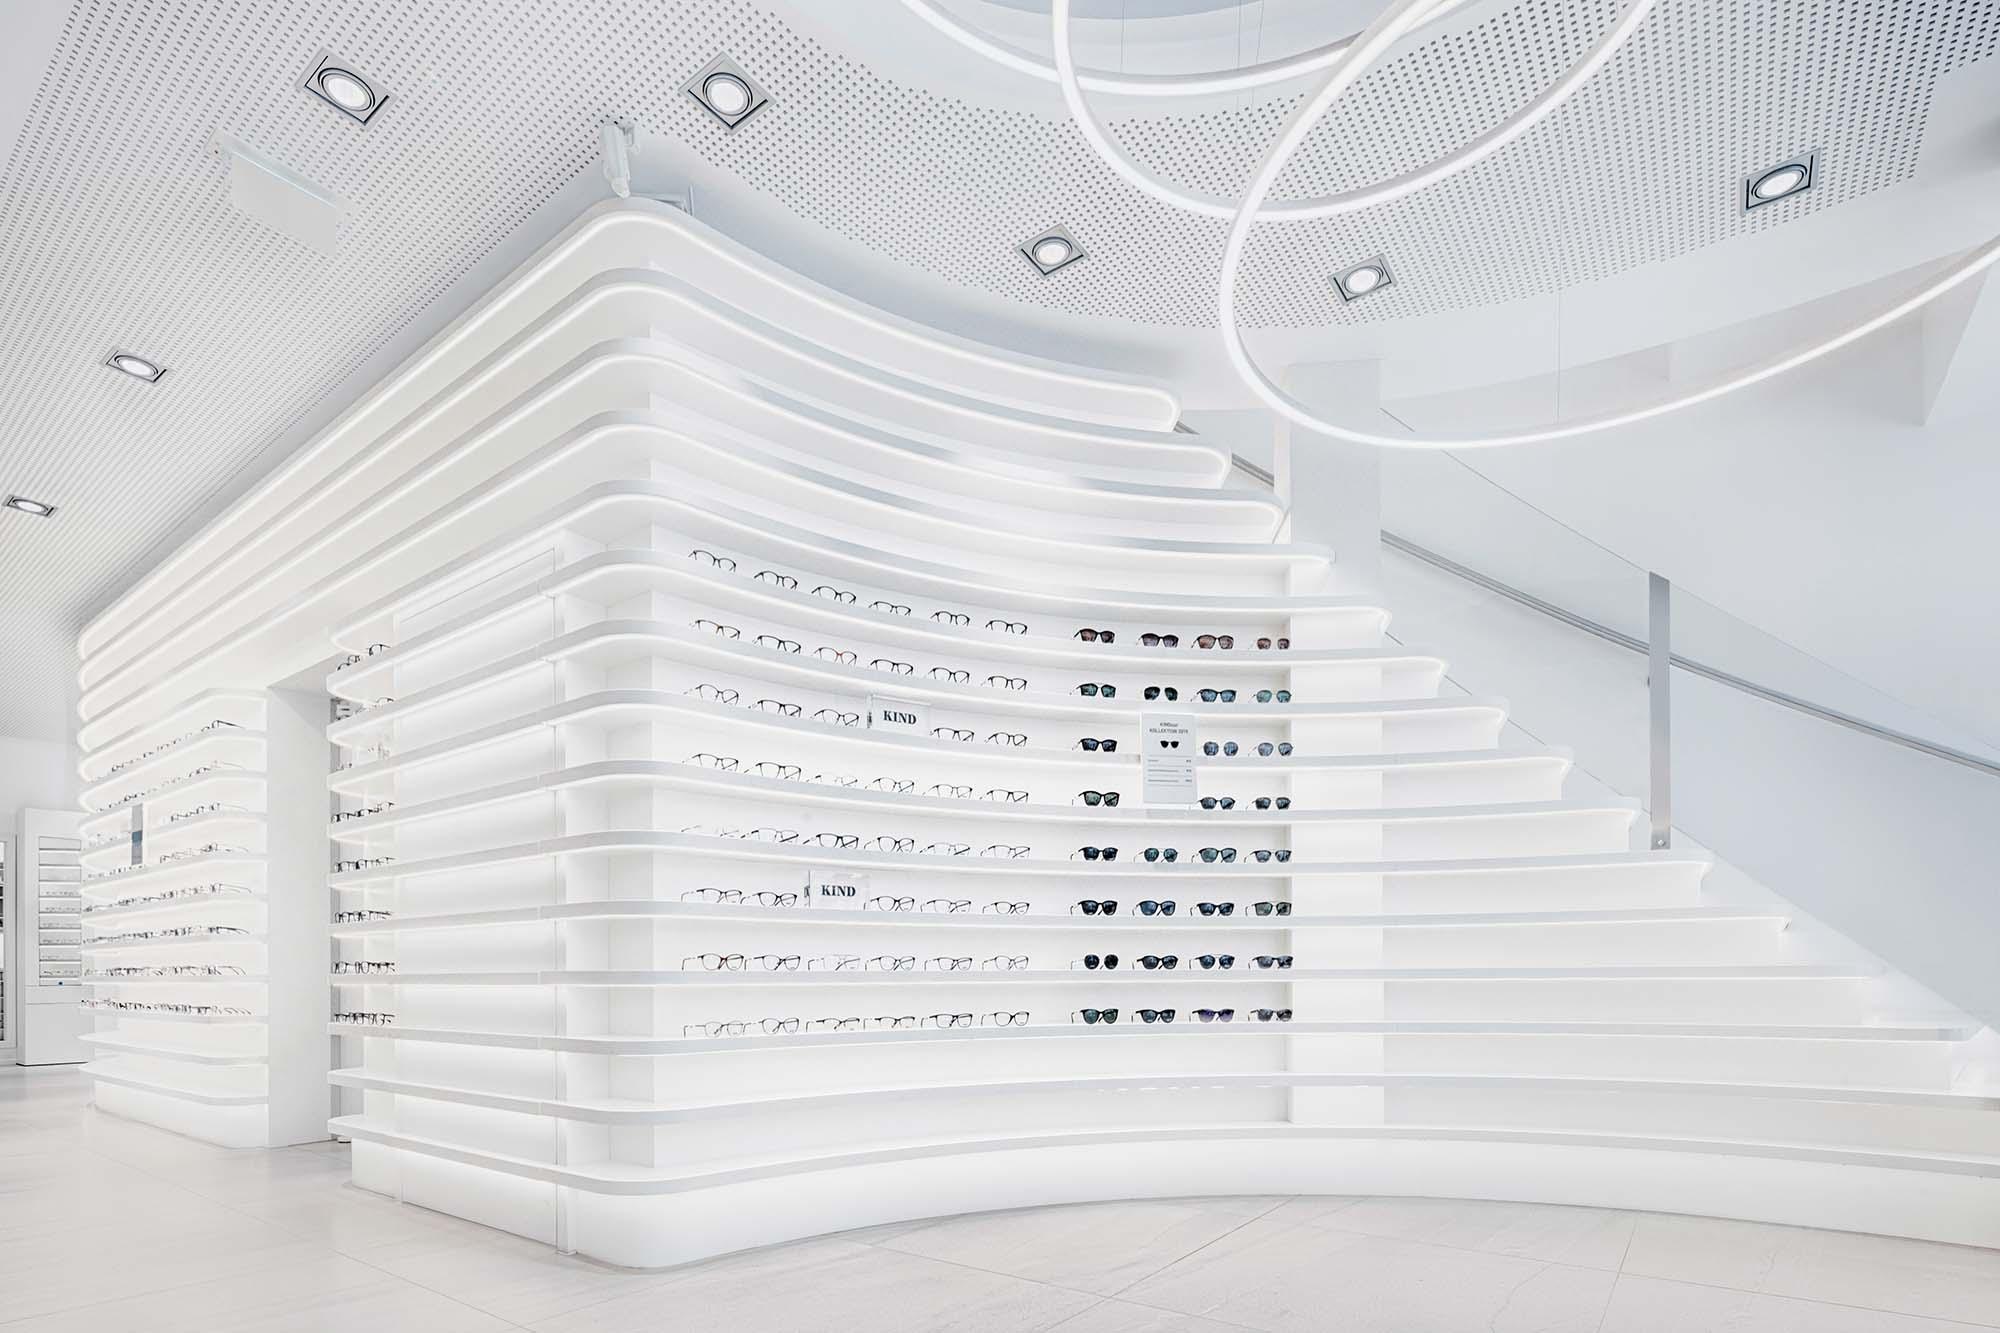 hochwertige innenraum fotografie eines brillengesch#ftes in hannover